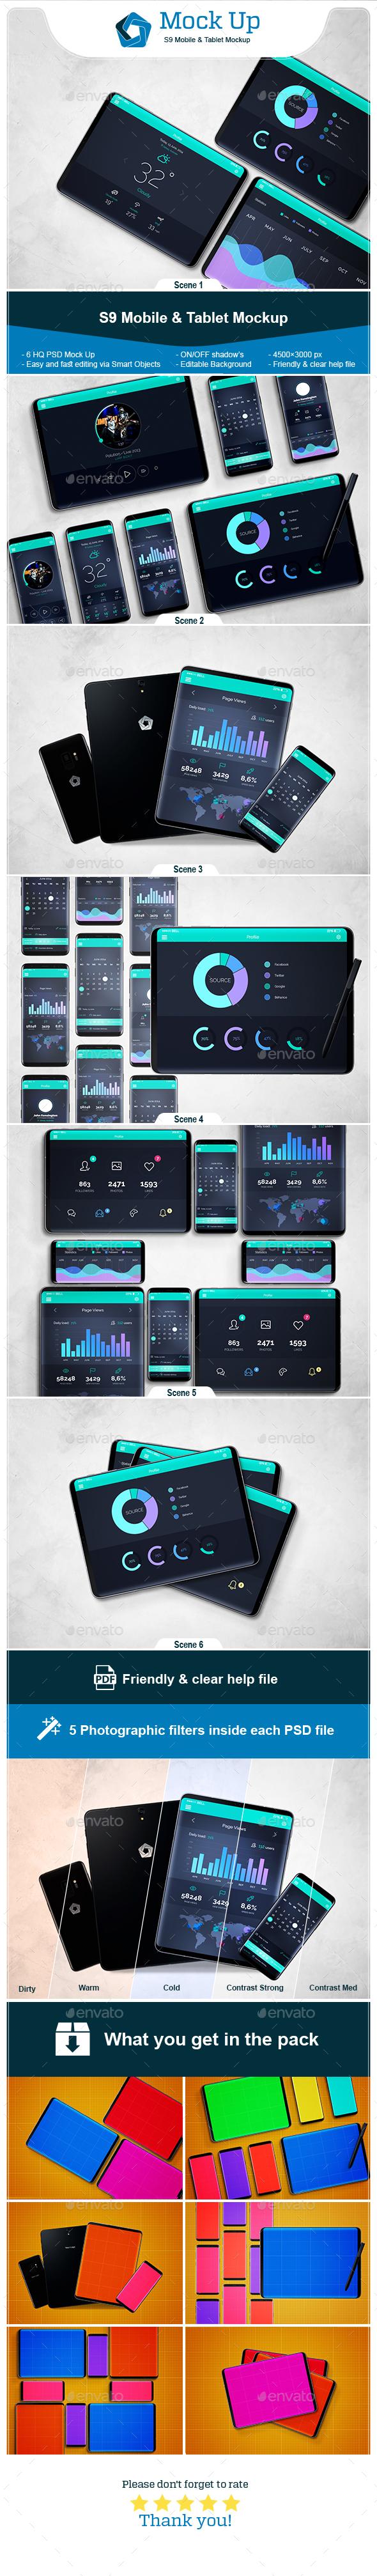 S9 Mobile & Tablet Mockup - Mobile Displays